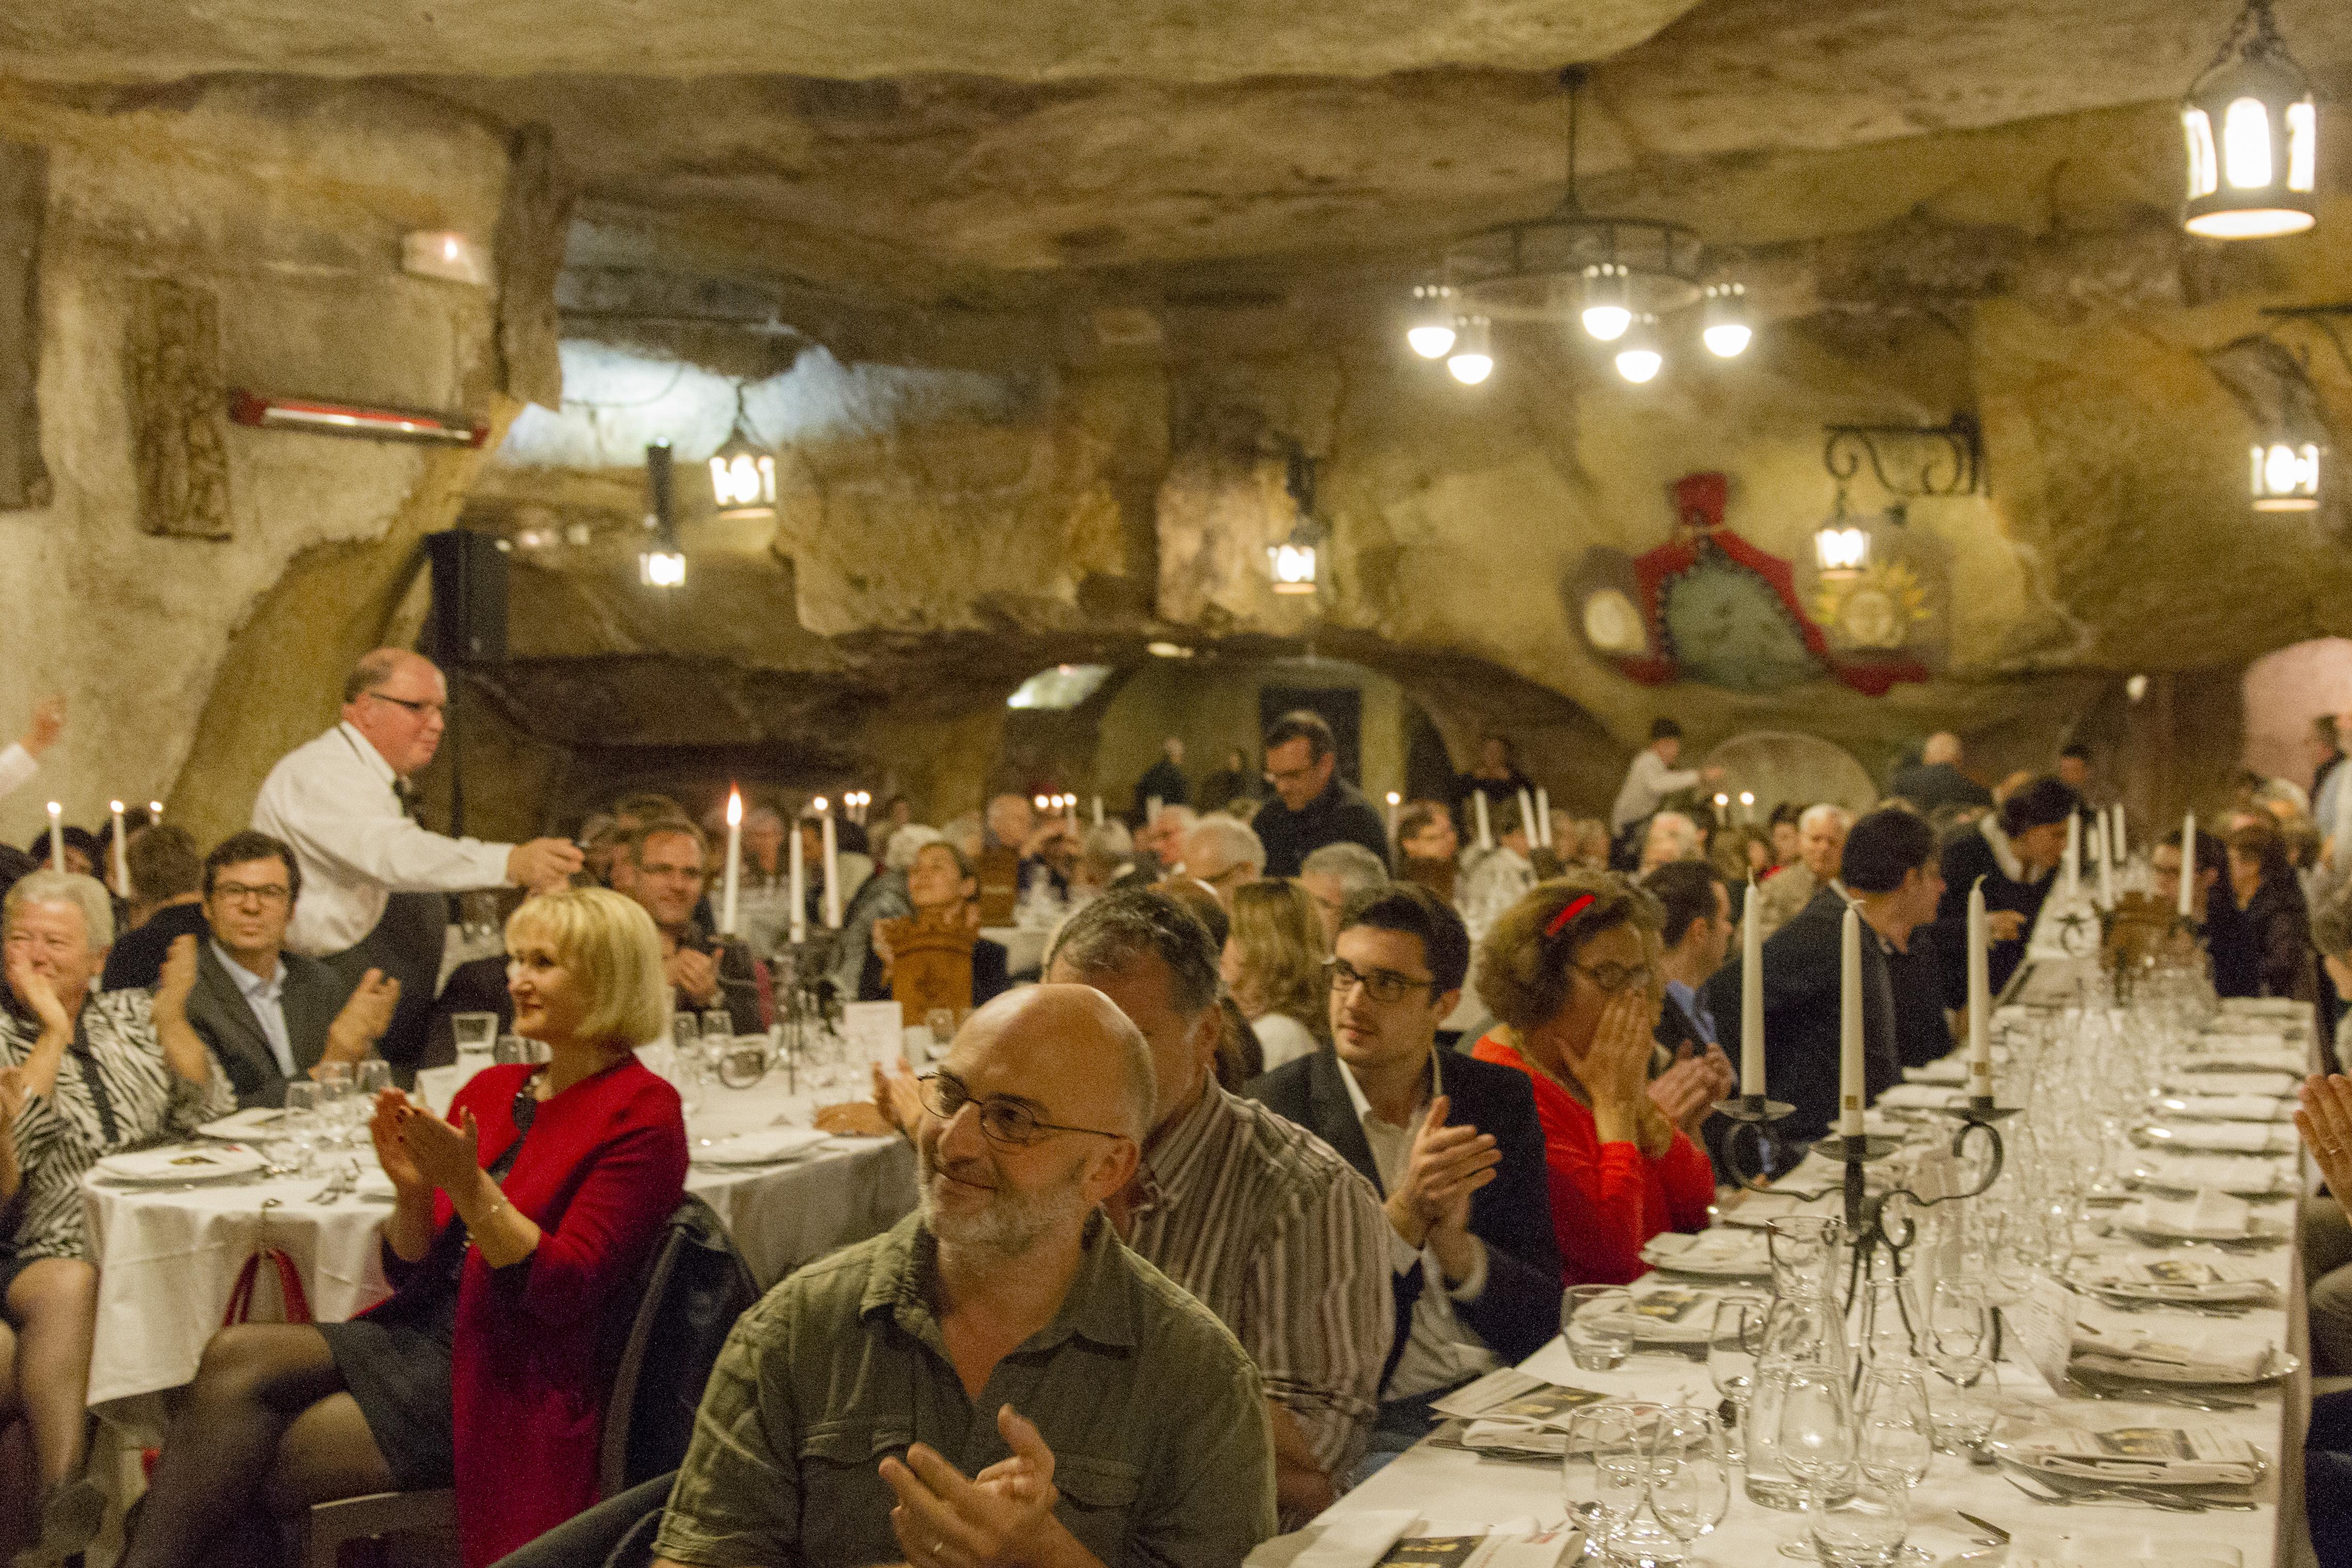 Dîner spectacle dans les Caves Painctes Photo (c) Fabienne Boueroux